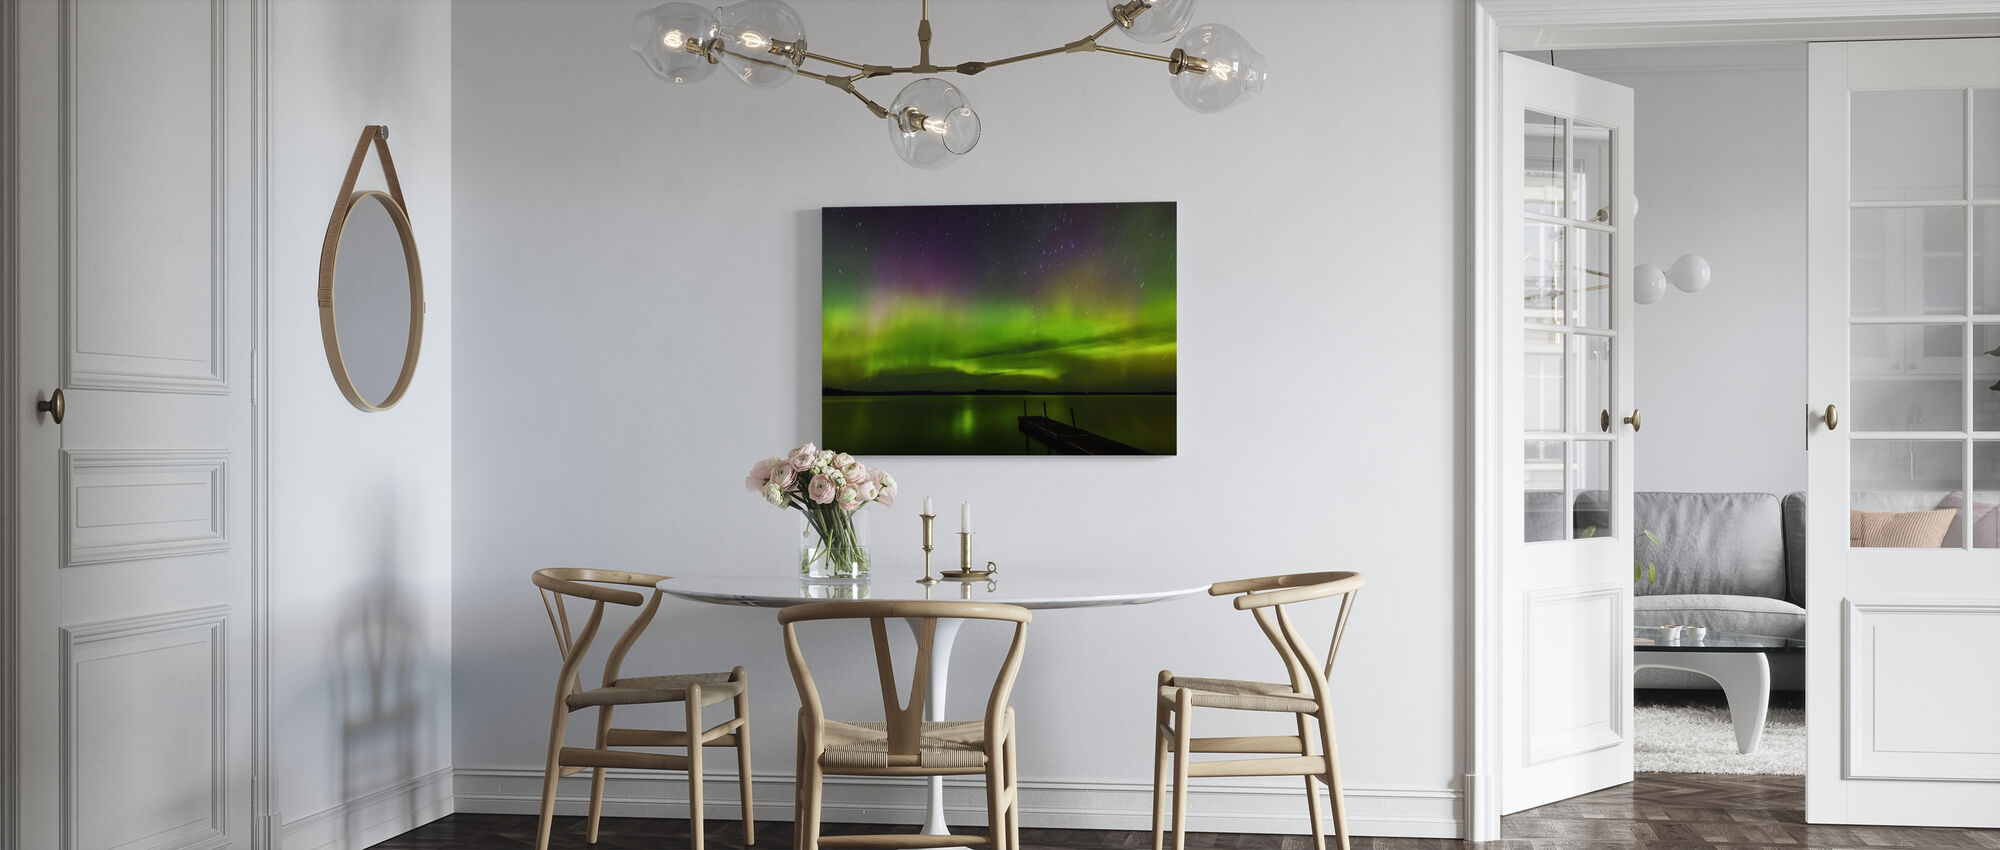 Aurora Borealis over Burntside Lake - Canvas print - Kitchen